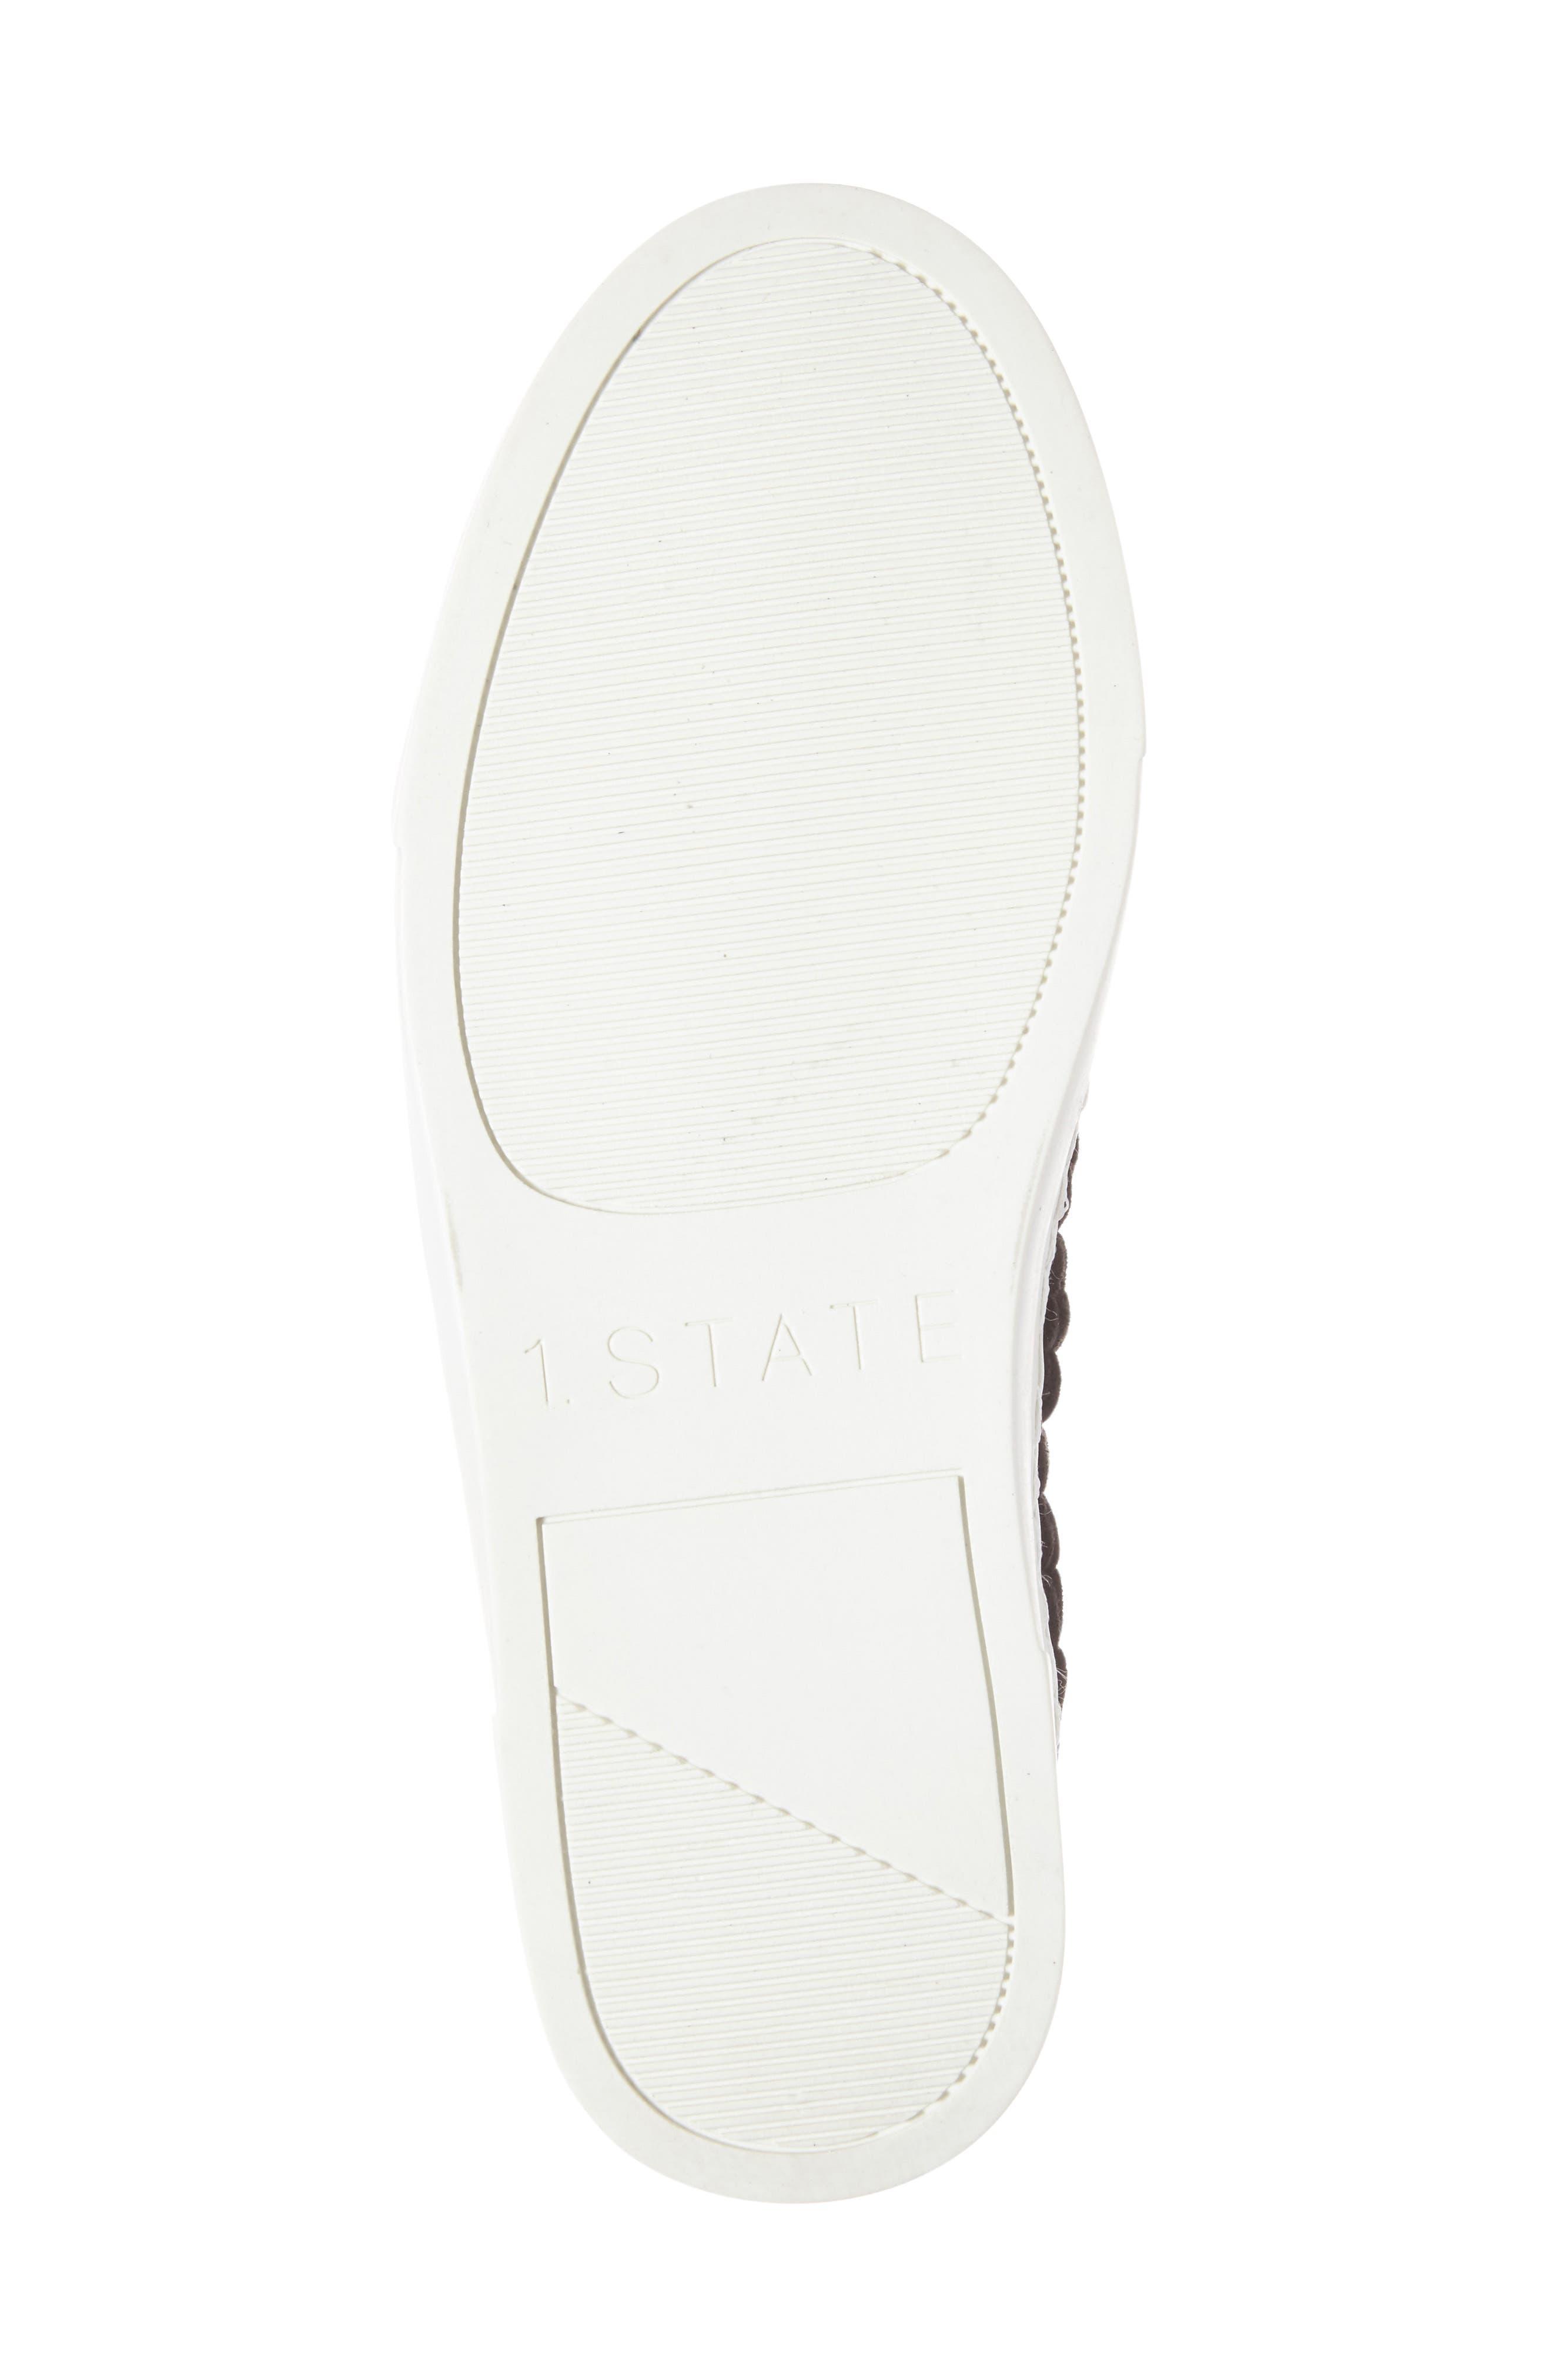 Delphin Braided Slip-On Sneaker,                             Alternate thumbnail 4, color,                             001